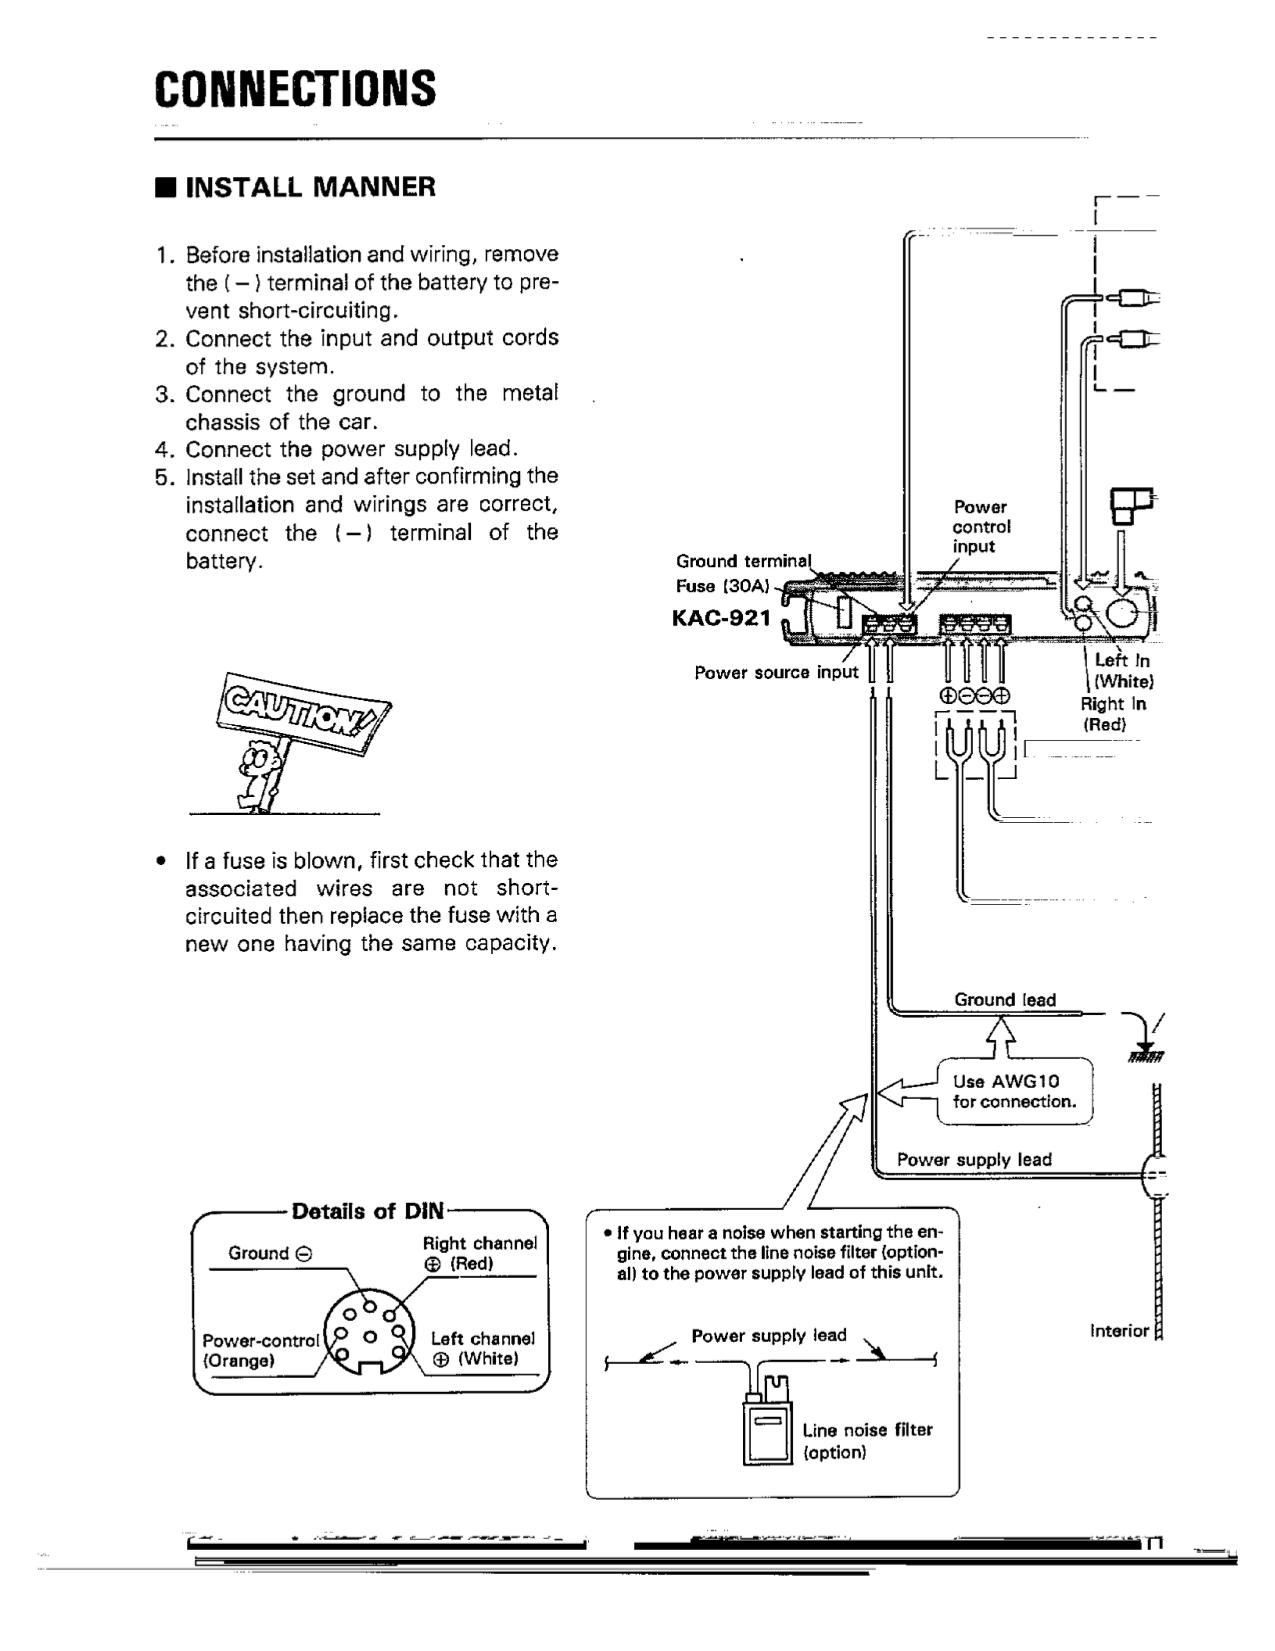 pdf manual for kenwood amp kac 921 basic electrical wiring diagrams kenwood amp kac 921 pdf page preview